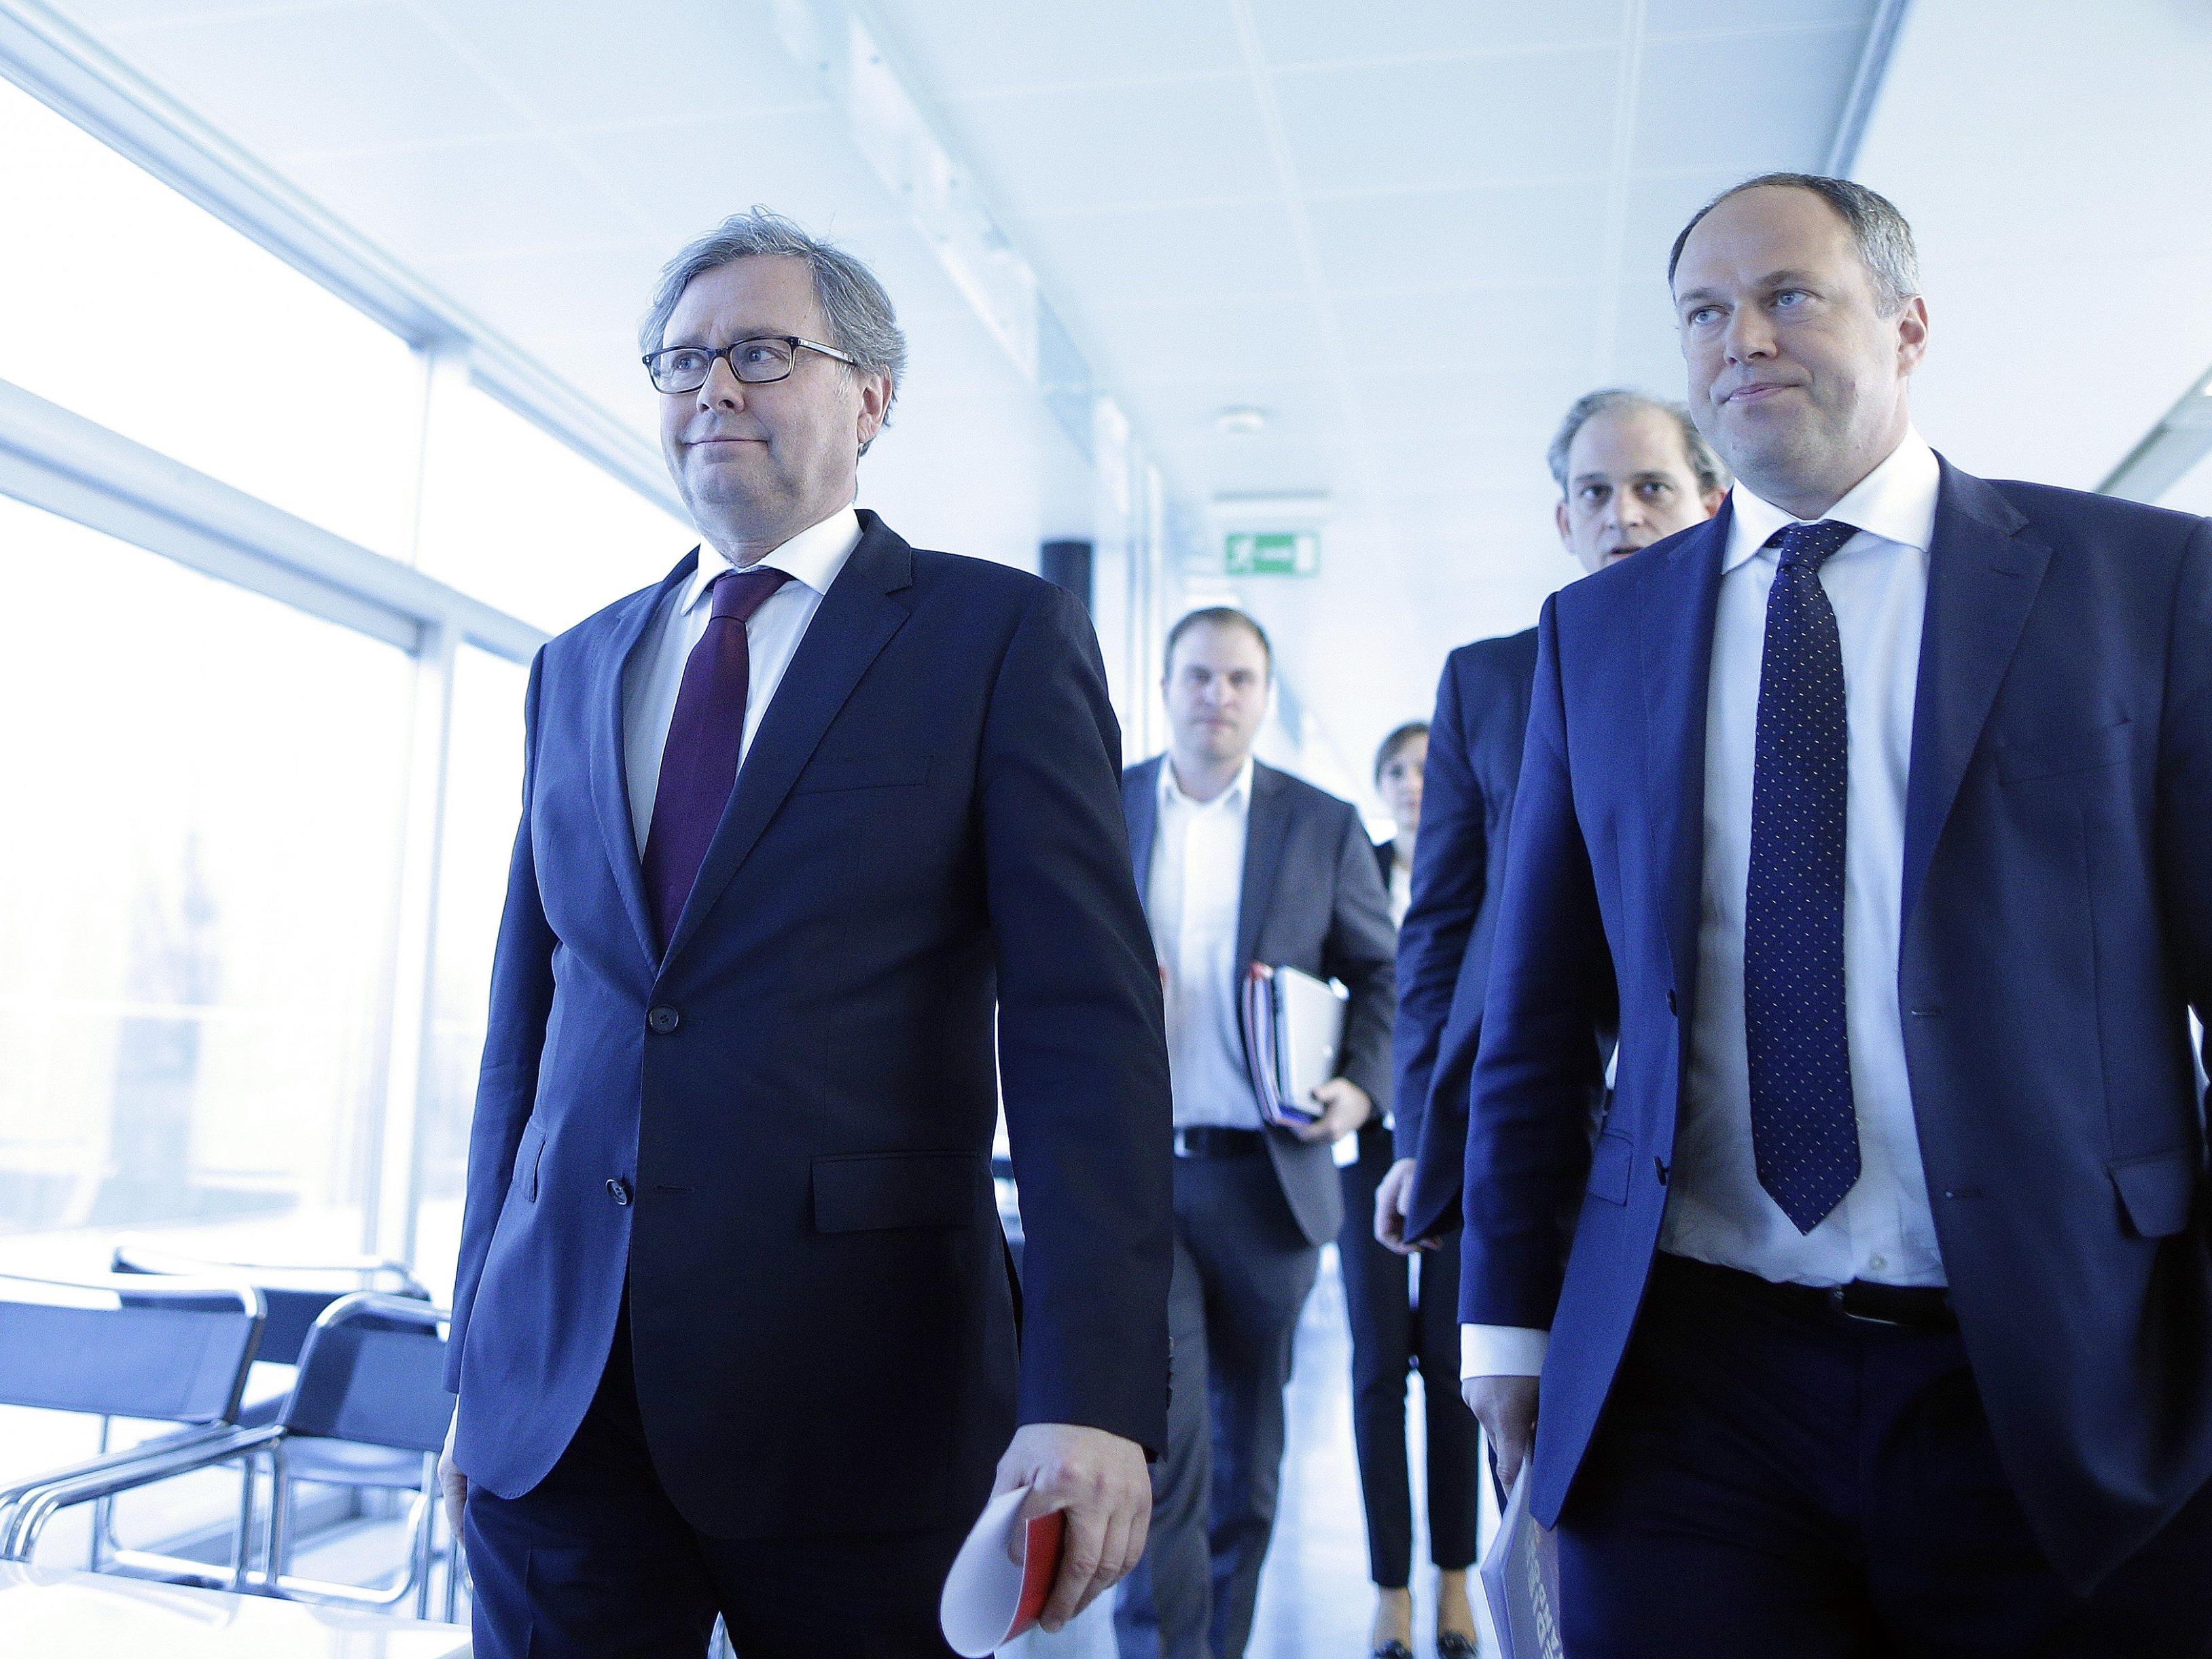 Die Wahl zum neuen ORF-Generaldirektor beginnt.